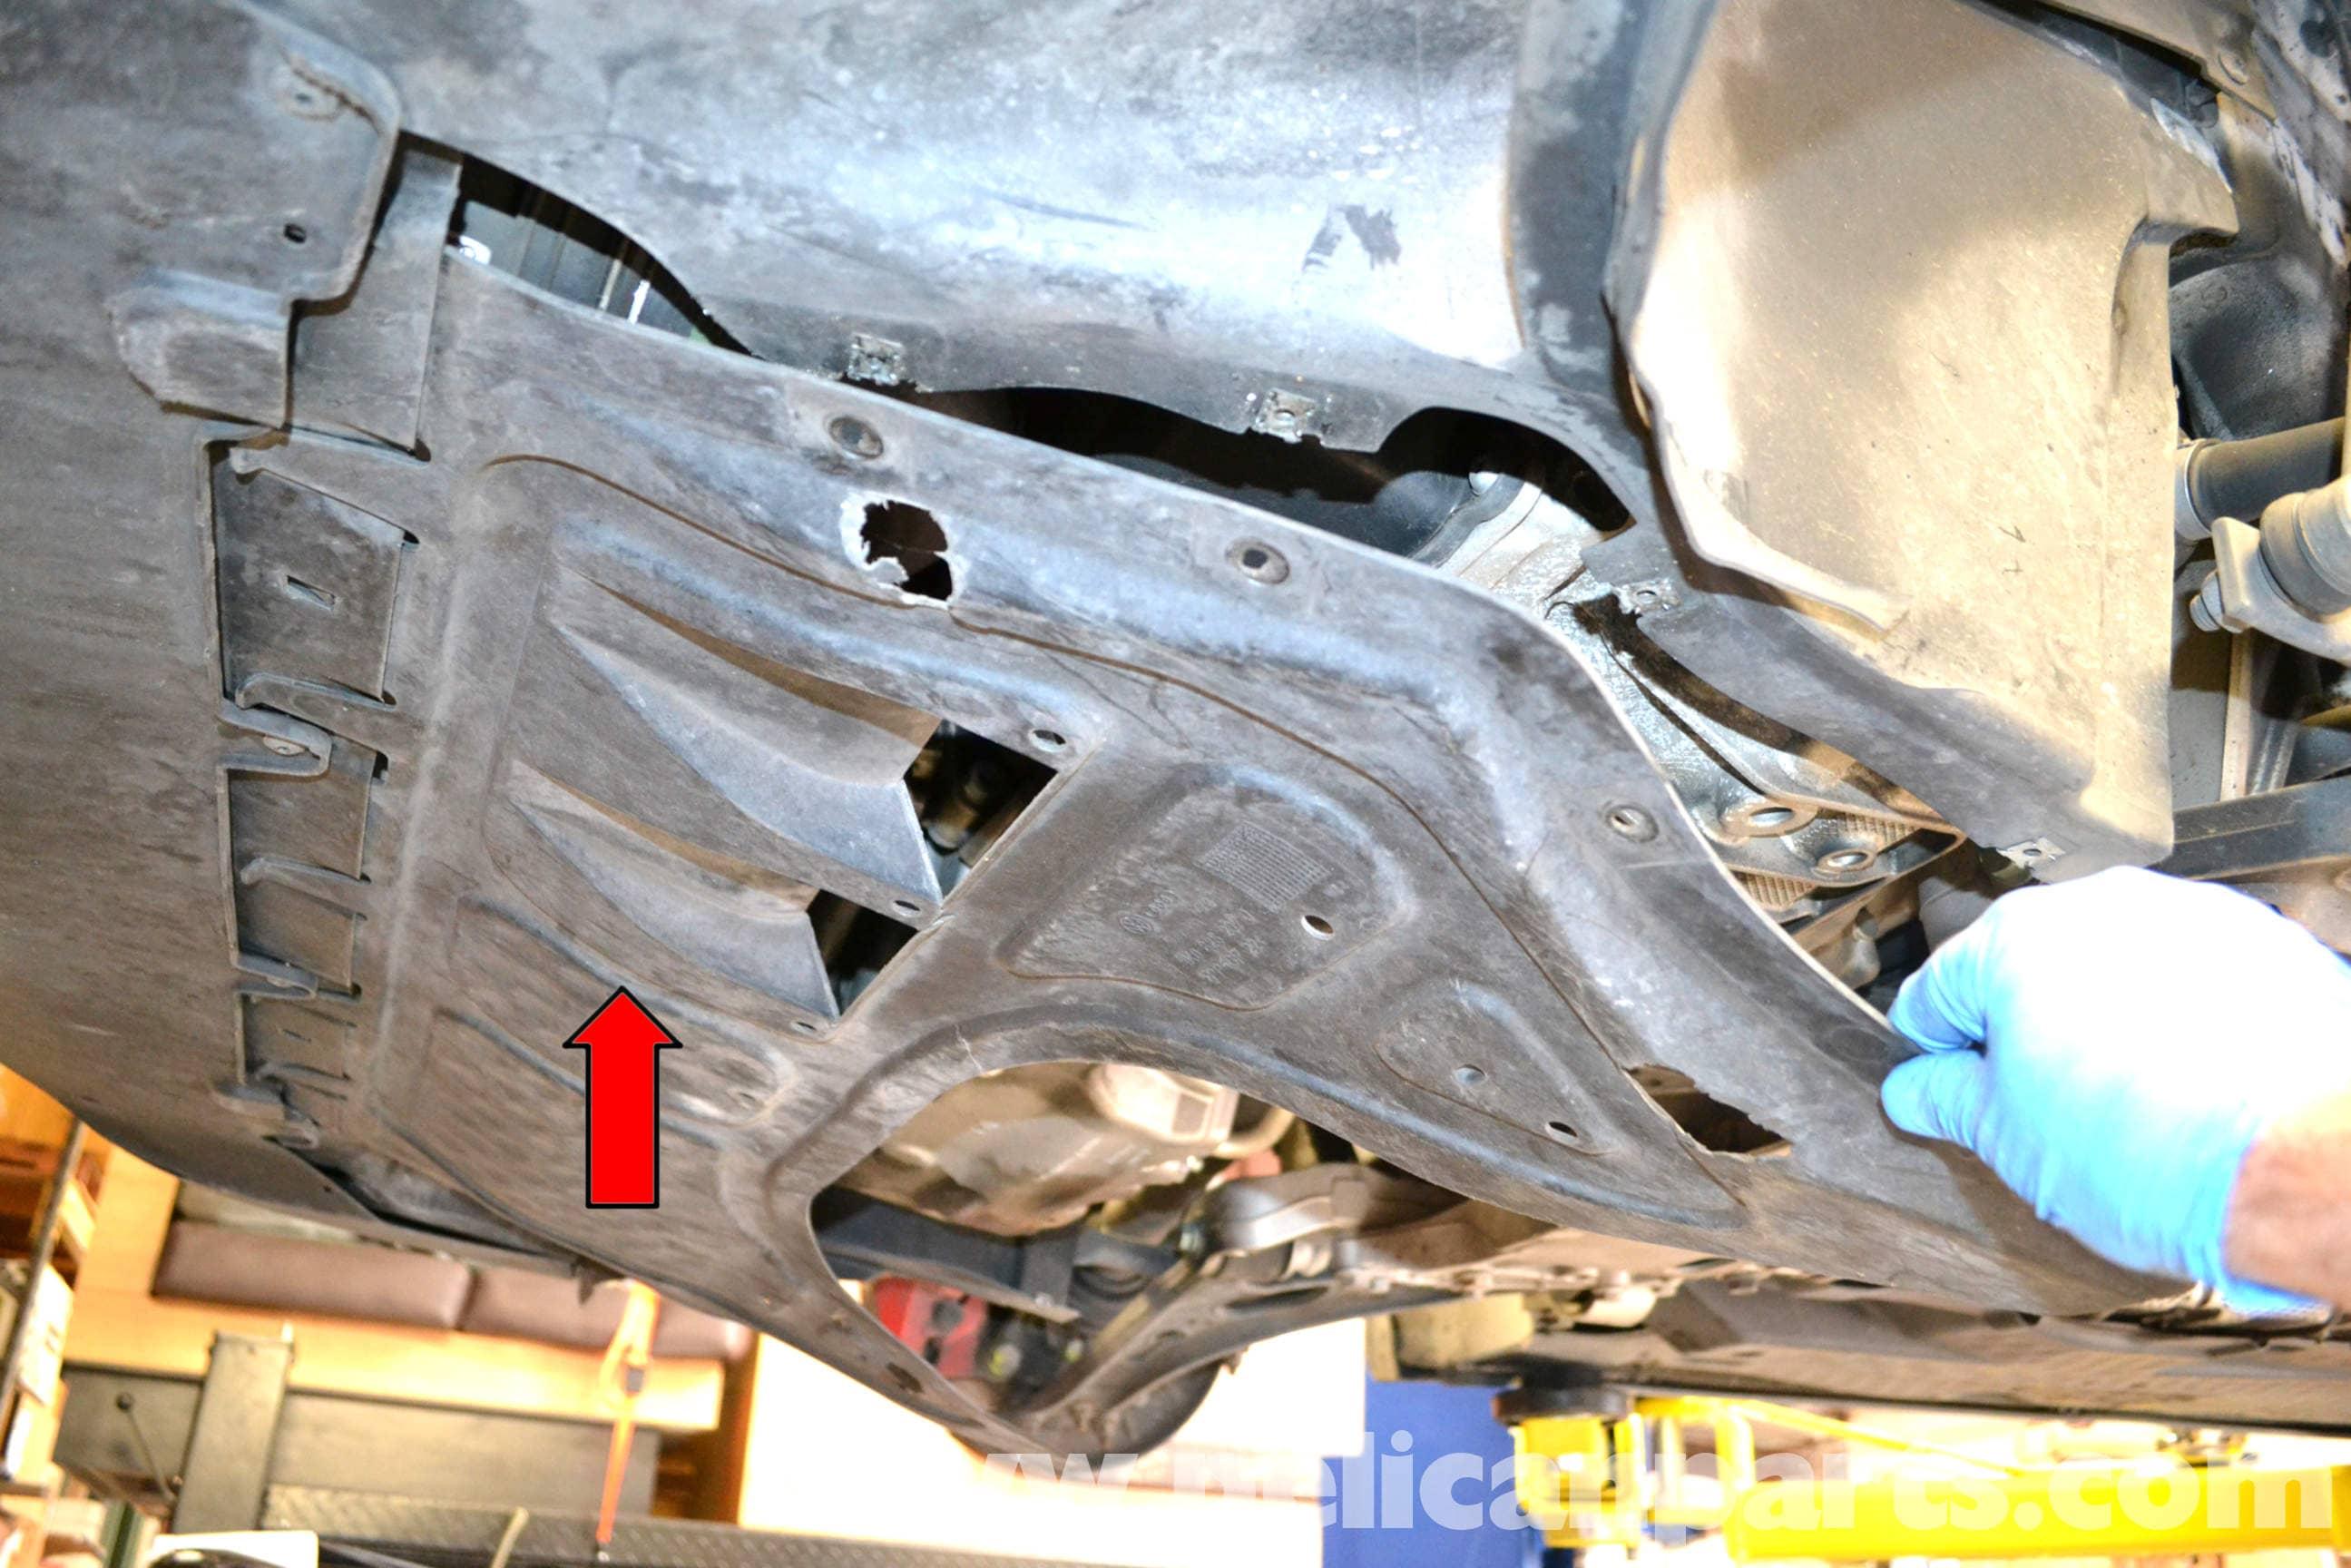 Volkswagen Golf Gti Mk V Intercooler Replacement 2006